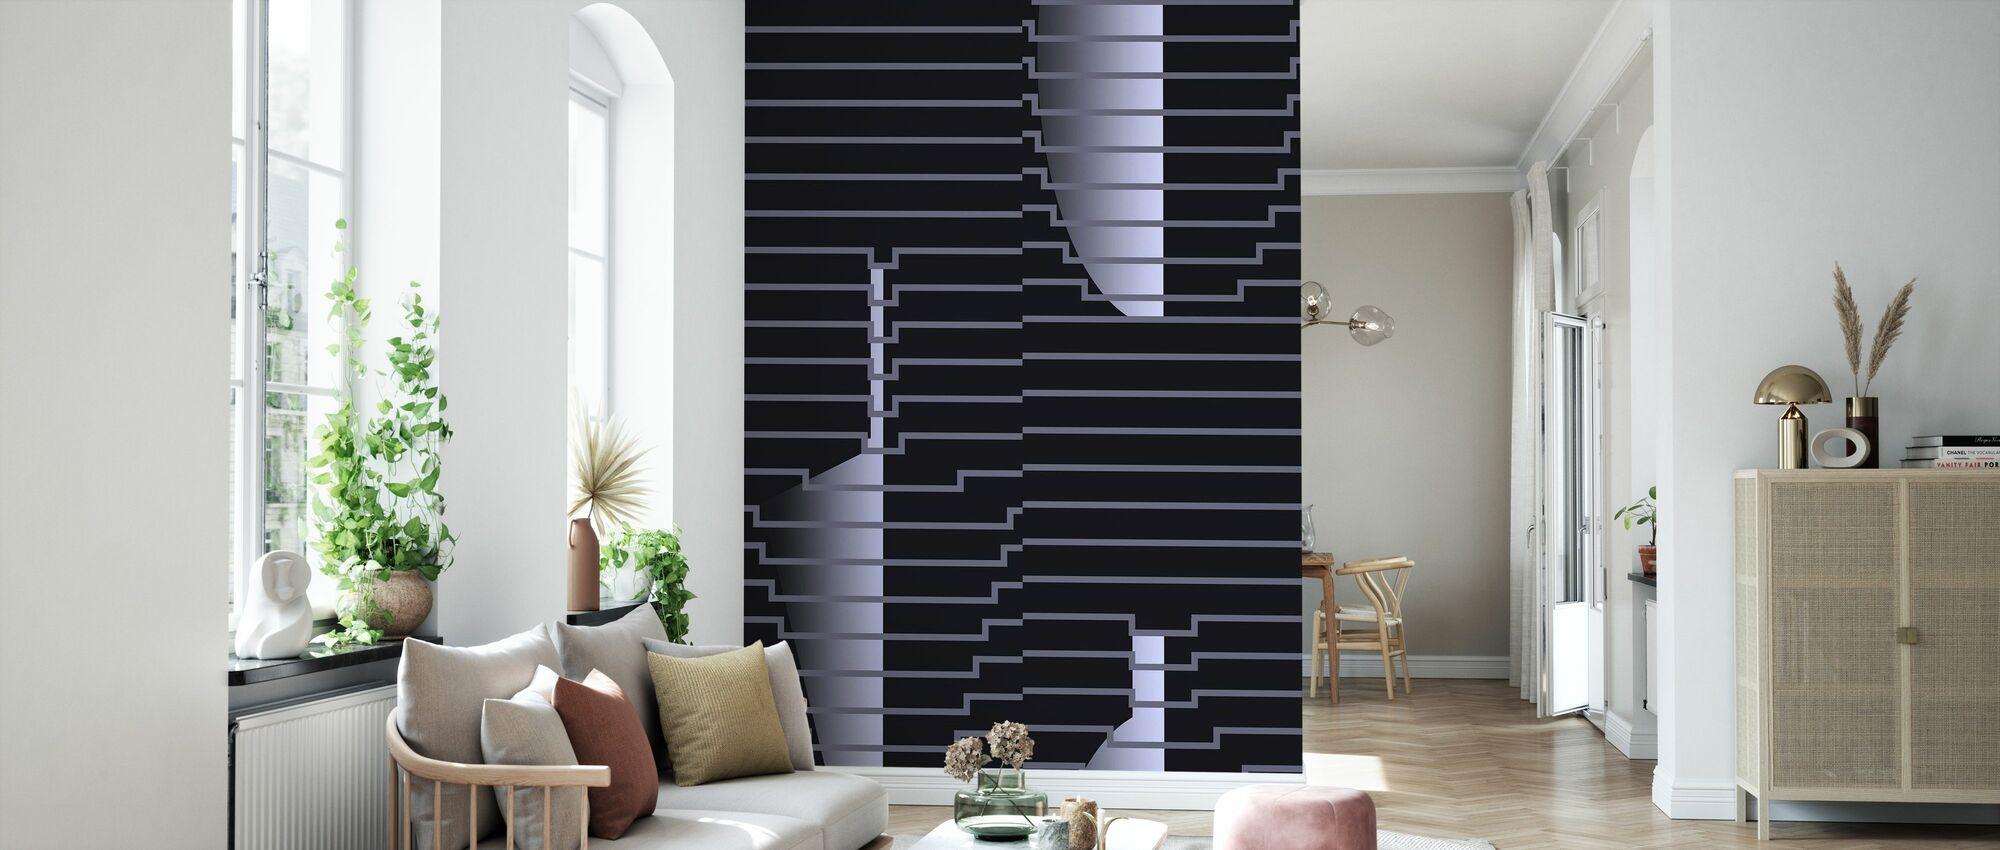 Draped Vases Cool Blue - Wallpaper - Living Room